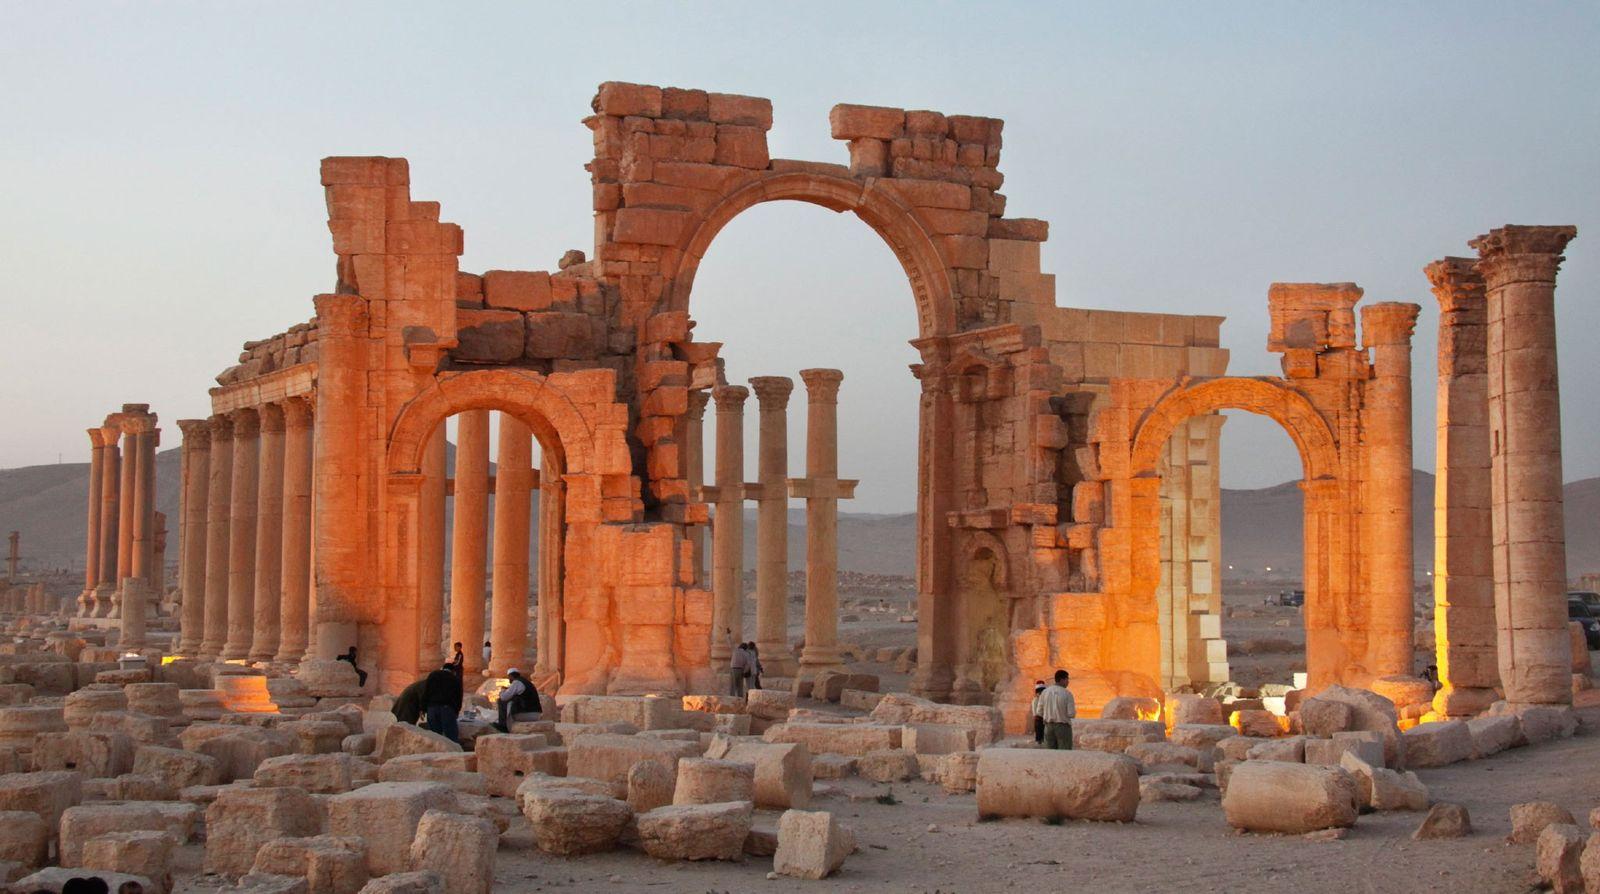 Os lugares antigos danificados e destruídos pelo Isis